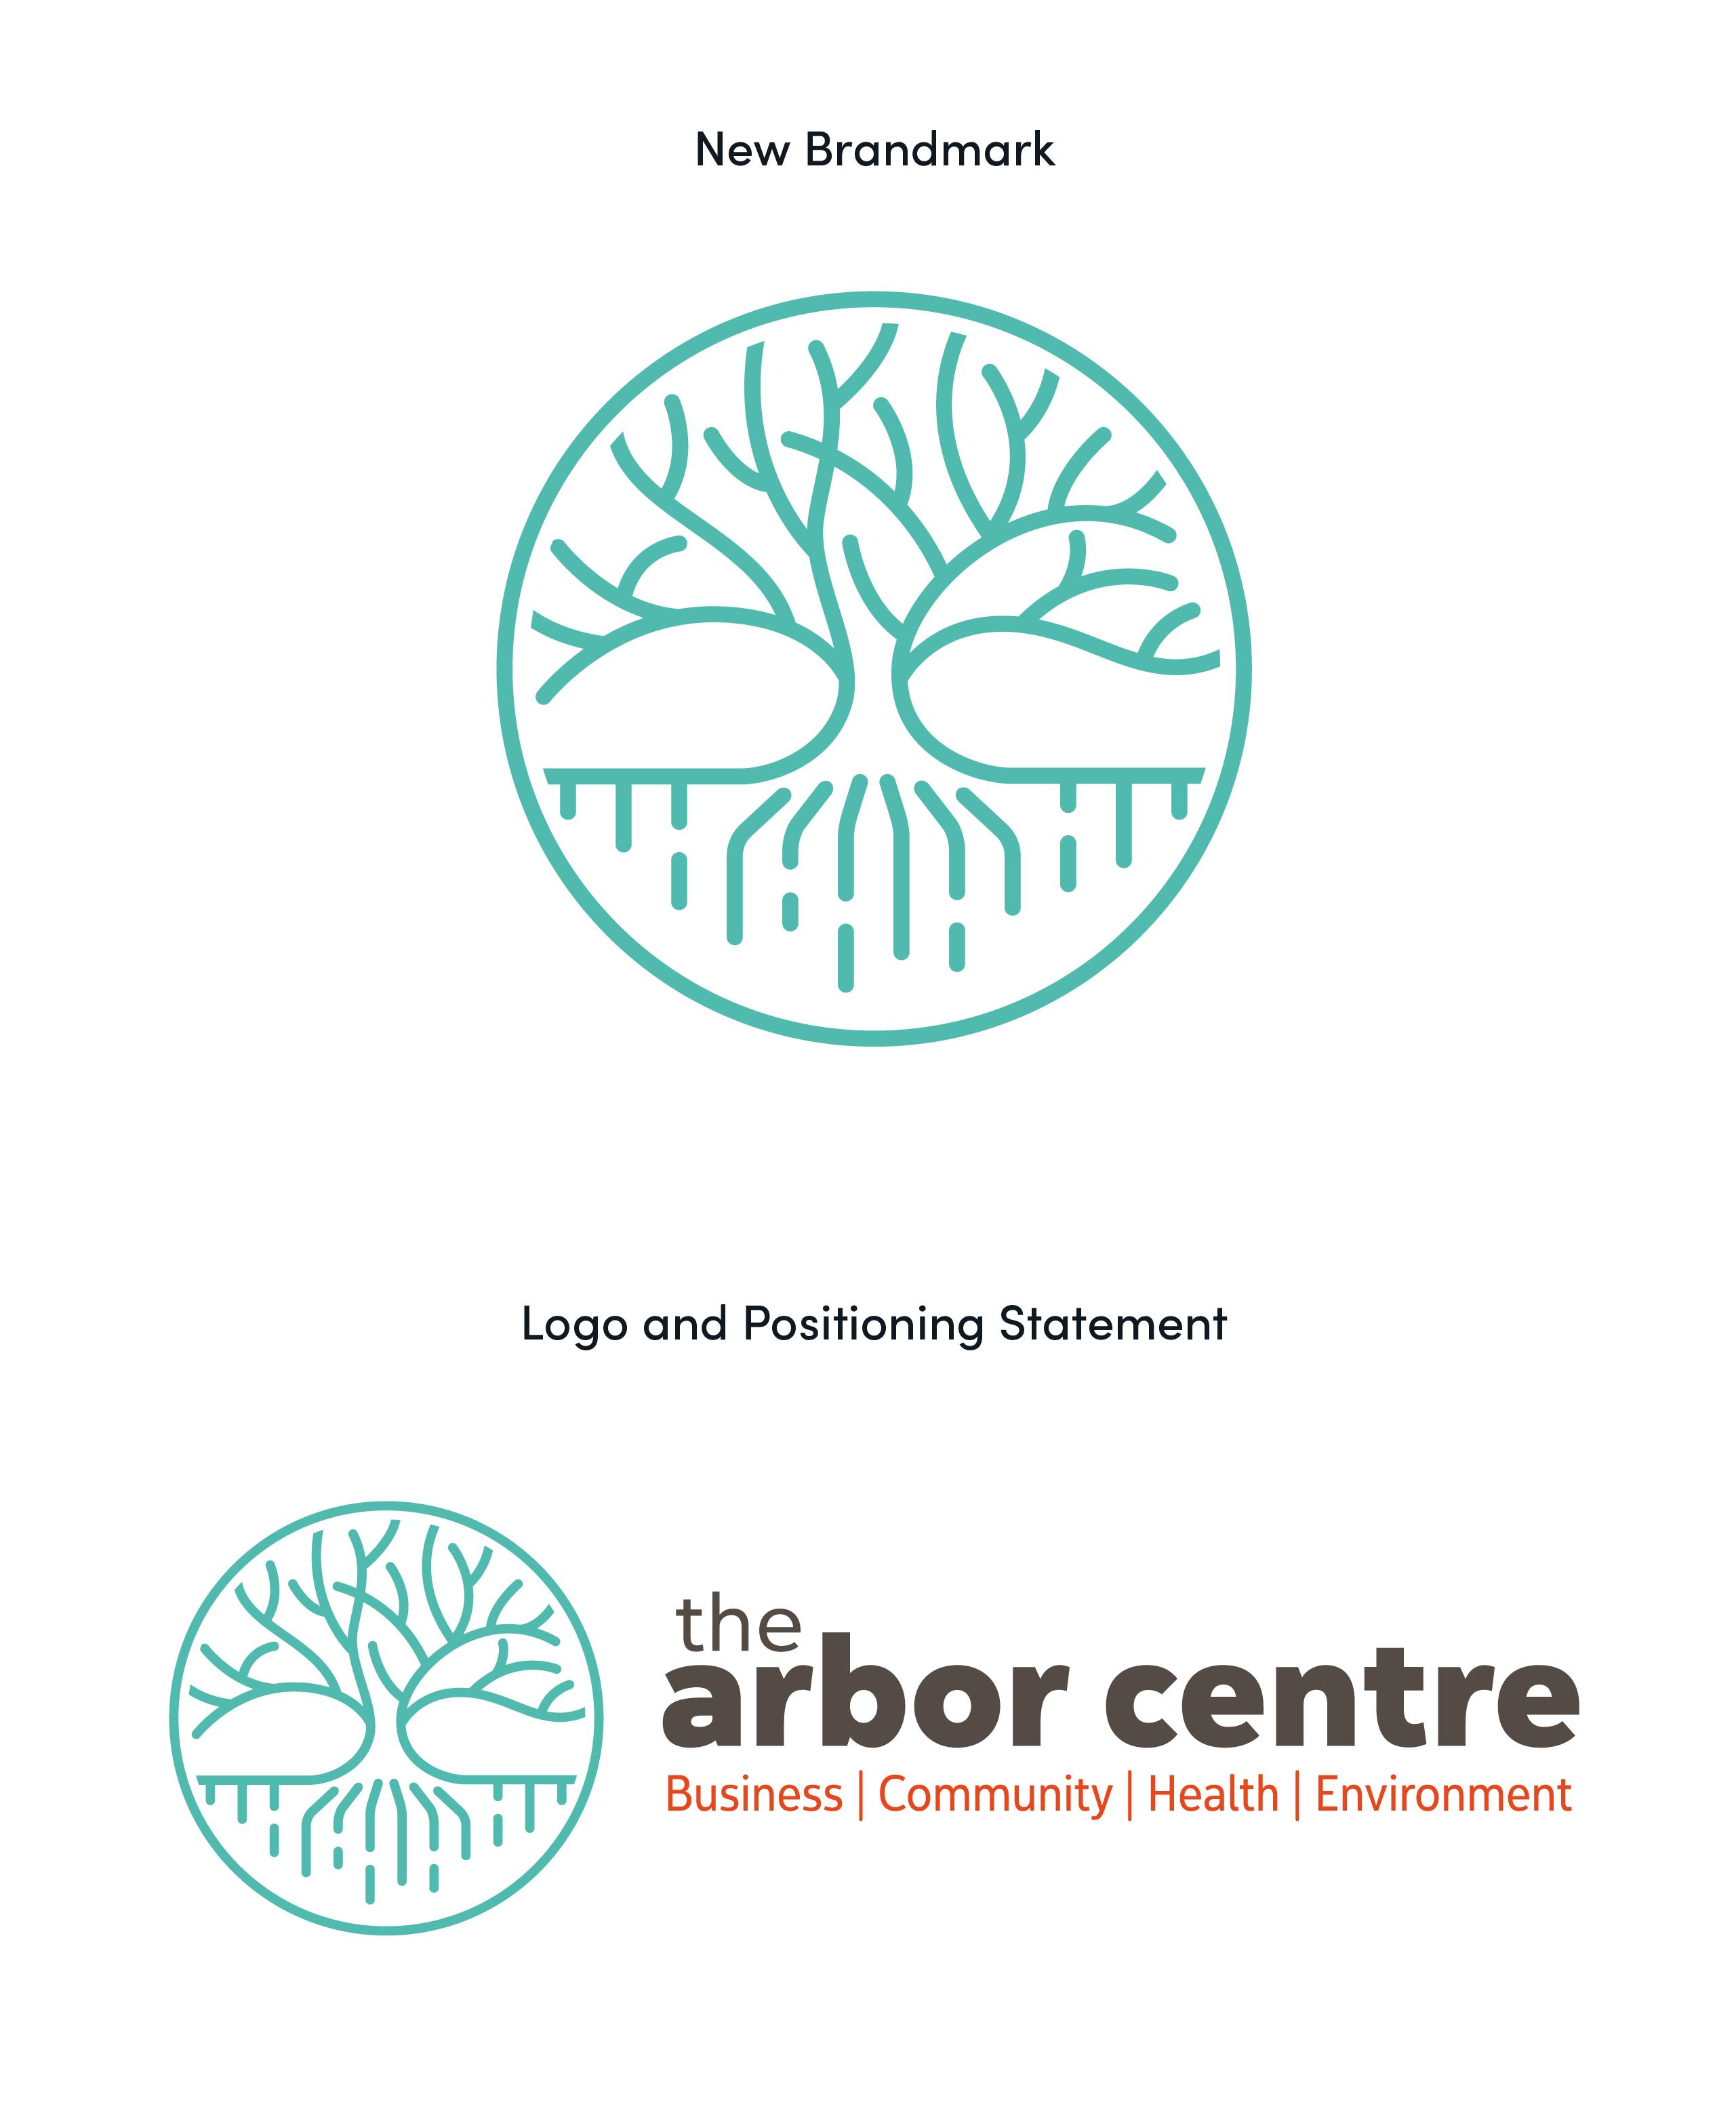 logo rebrand refresh arbor centre